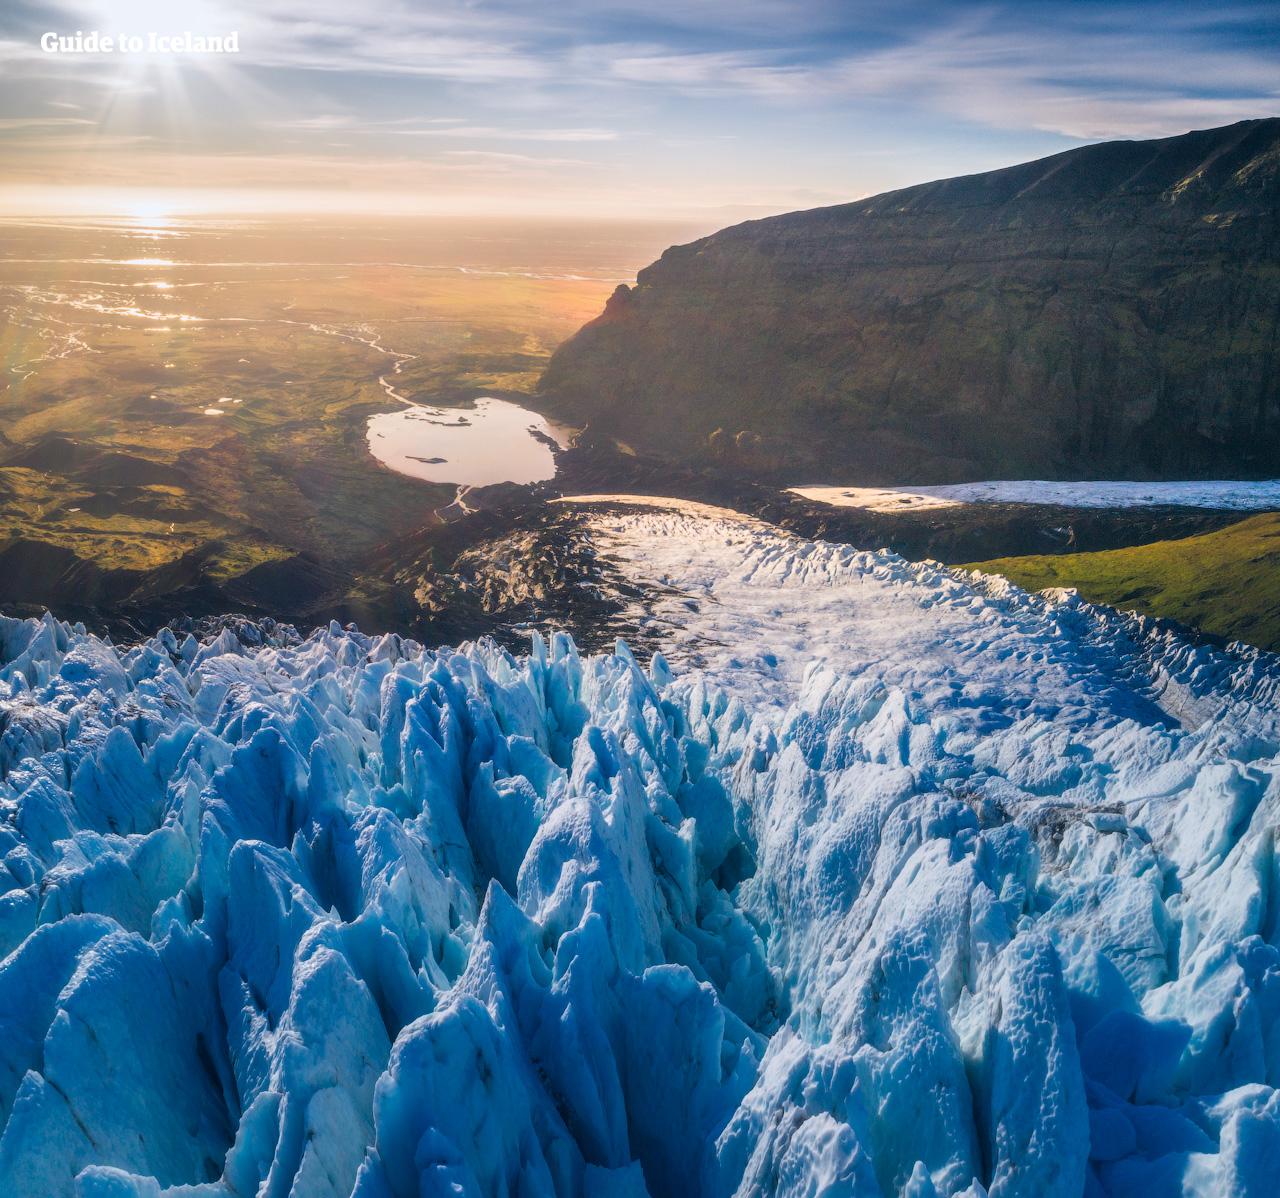 ท่องเที่ยวบนชายฝั่งทางใต้ของประเทศไอซ์แลนด์ด้วยทัวร์ขับรถเองในช่วงฤดูร้อน และเฝ้าดูทรายดำ ธารน้ำแข็งสีขาว รวมถึงพืชพรรณสีเขียว.